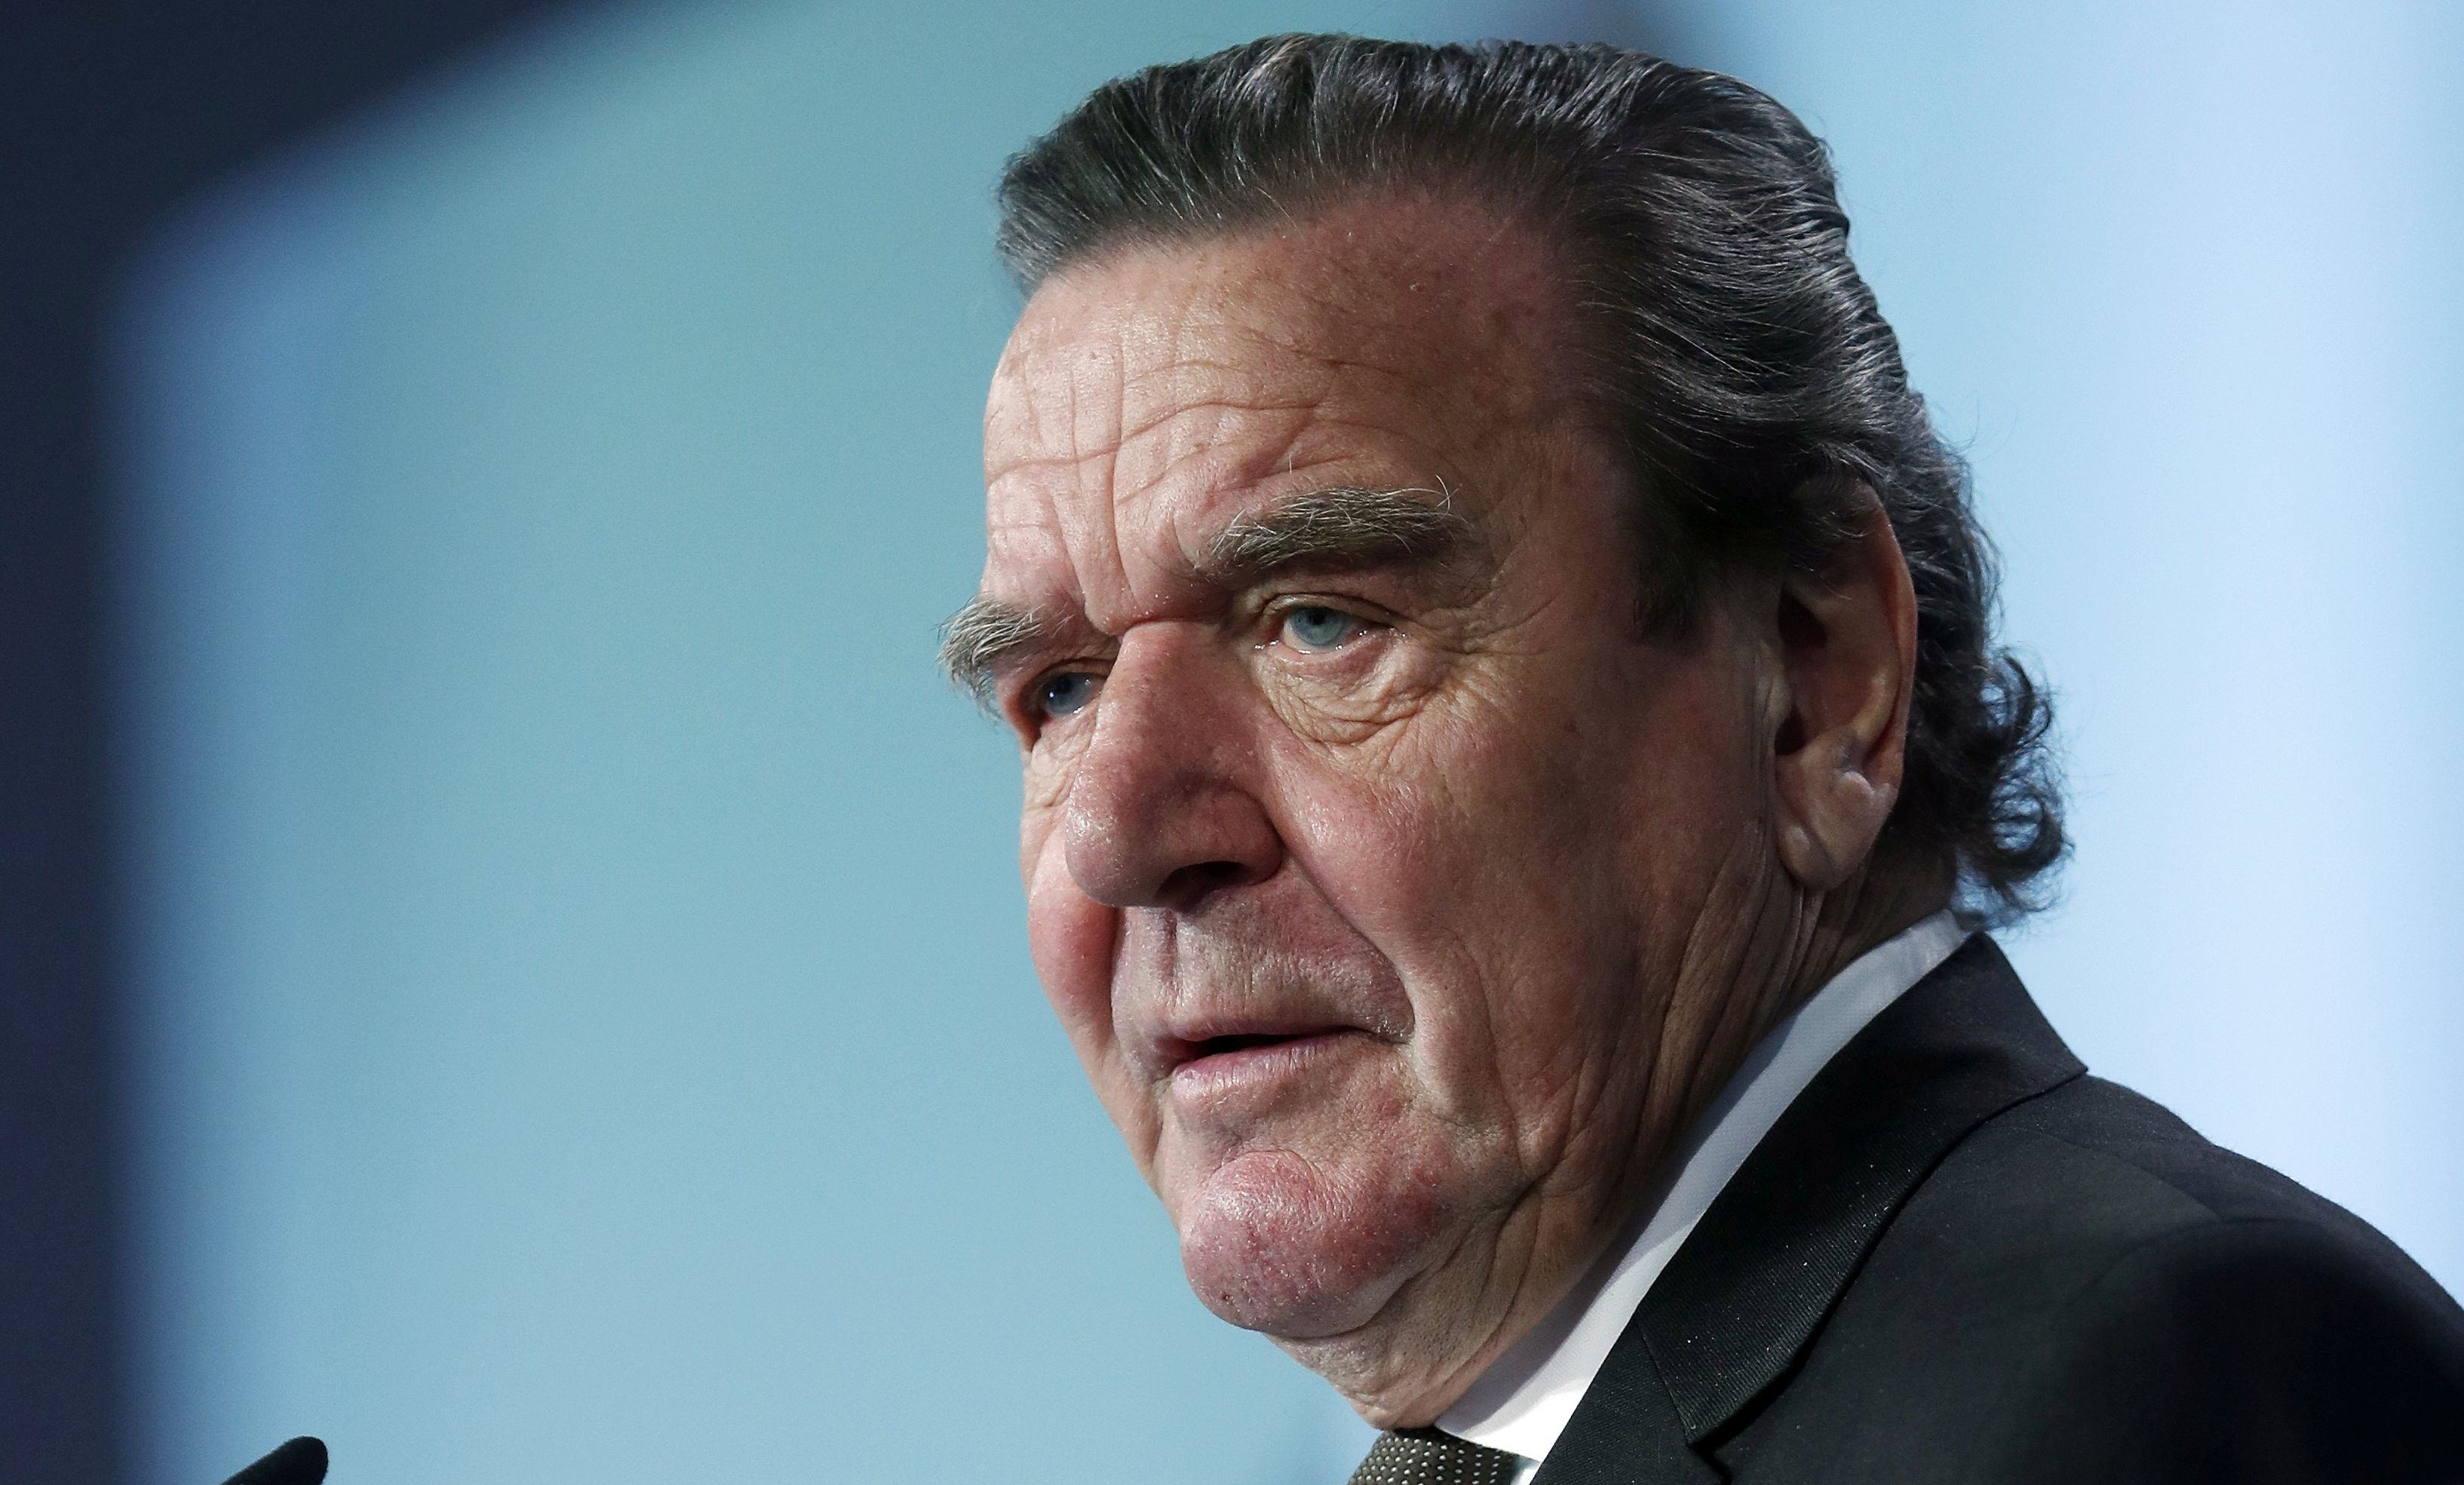 NJEMAČKA Rasprava o sankcijama protiv Schroedera zbog lobiranja za Putina